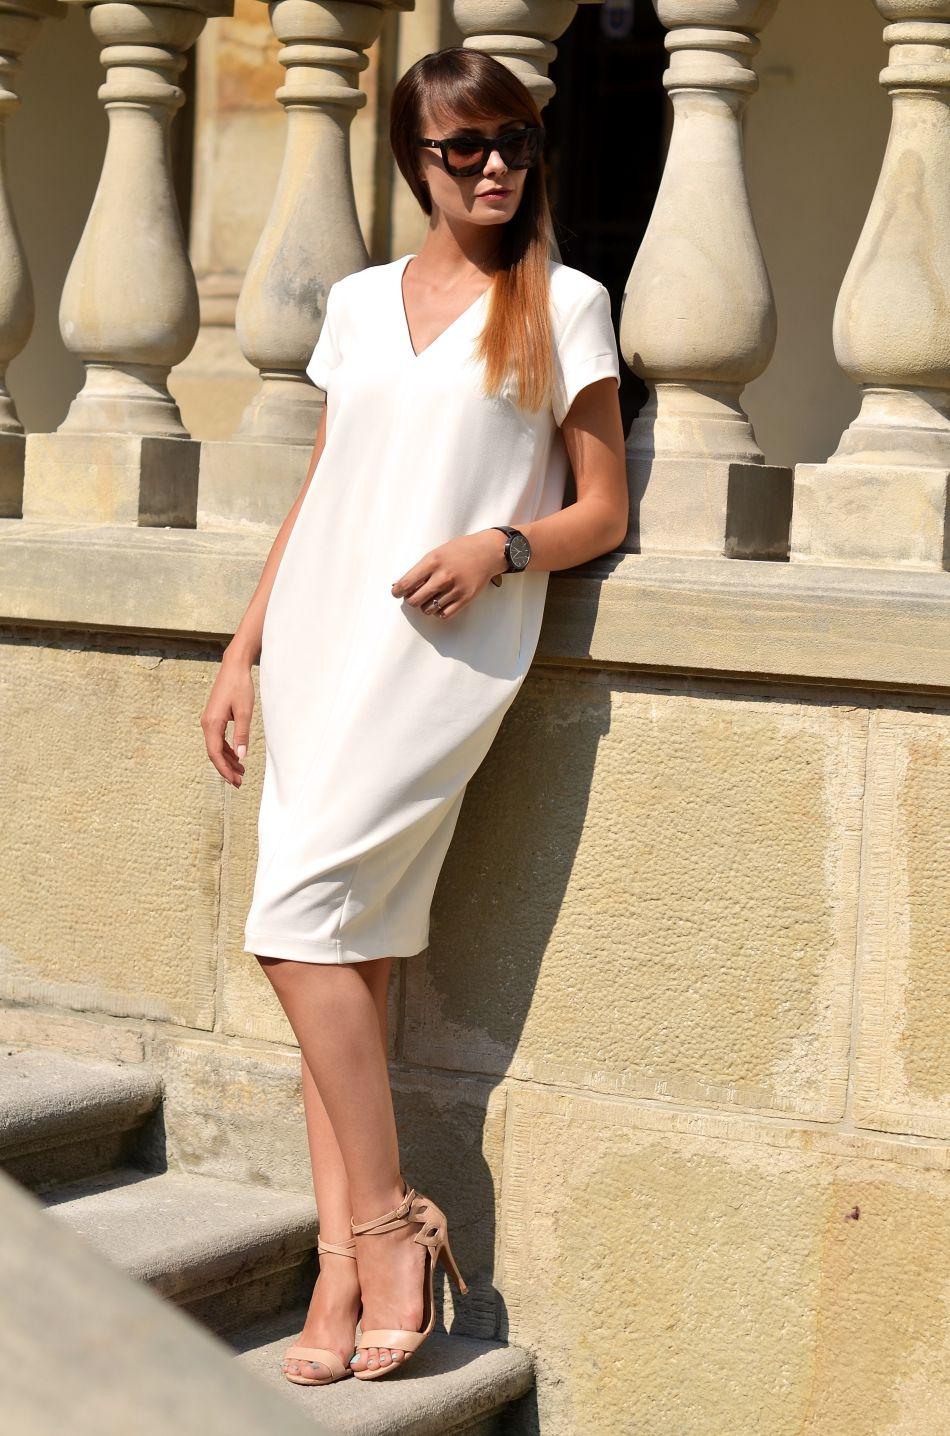 nie martw się opinią innych | etykiety | ocenianie | sukienka biala na wesele | blogerka modowa